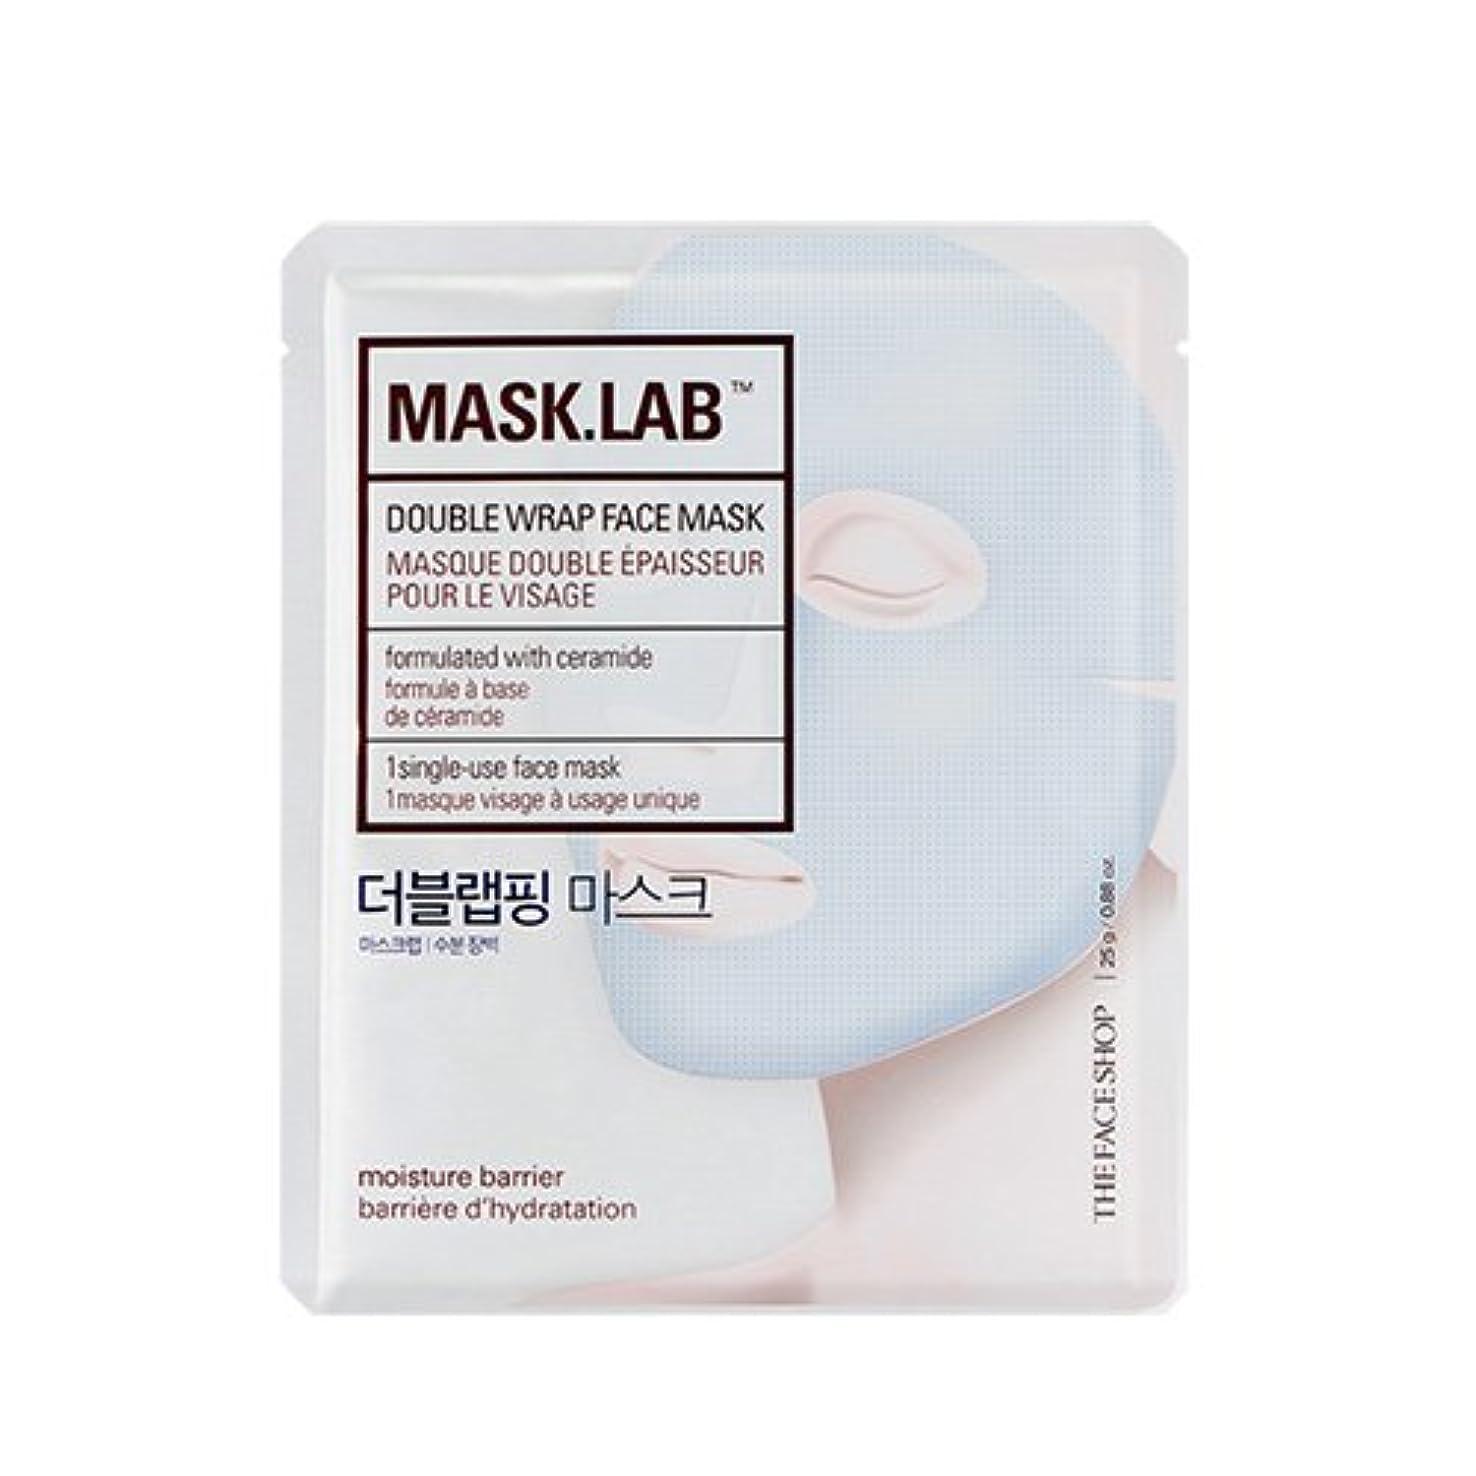 後方一時解雇する被害者THE FACE SHOP Mask Lab Double Wrap Face Mask 25g×5EA/ザフェイスショップ マスク ラボ ダブル ラップ フェイスマスク 25g×5枚